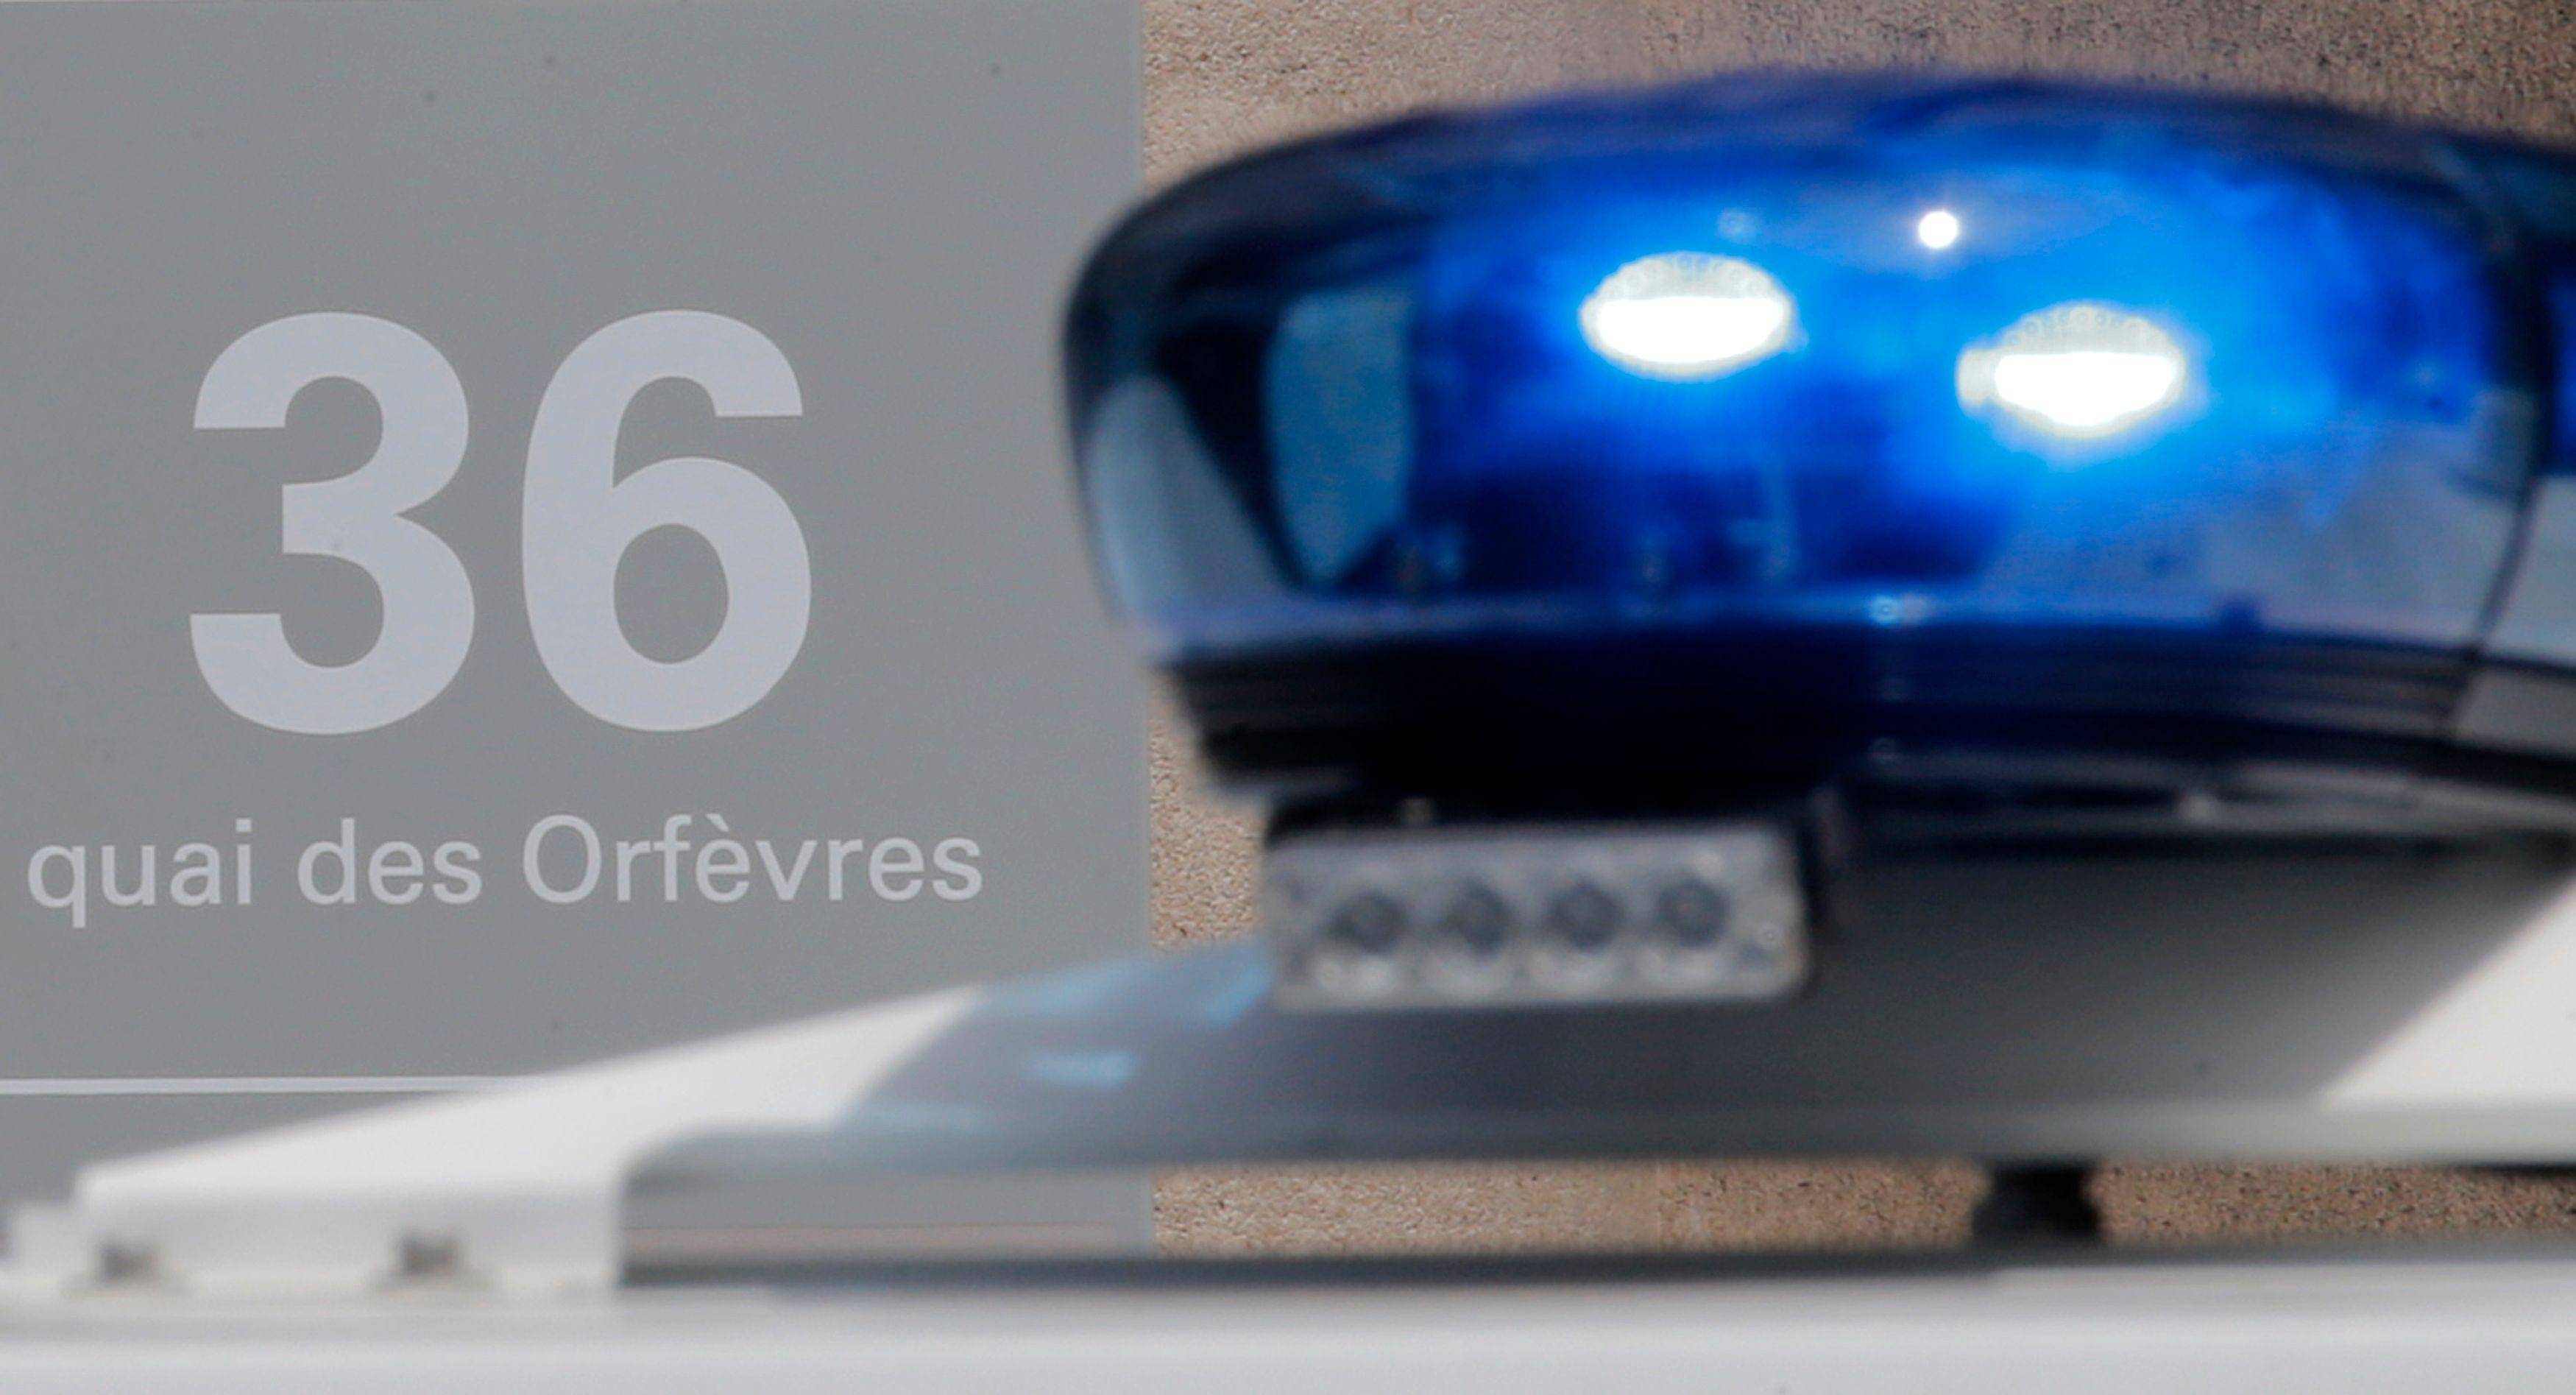 L'enquête avance sur le vol de 52 kilos de cocaïne au 36 Quai des Orfèvres